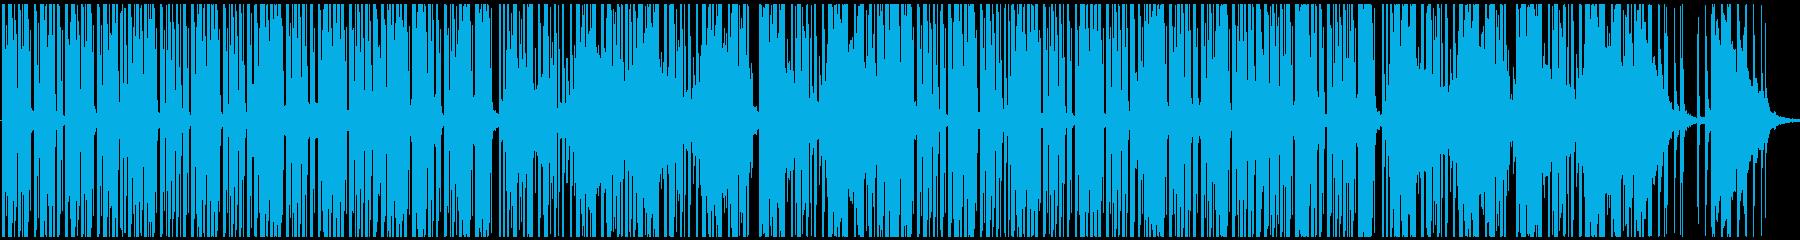 うちゅう ダンス プログレッシブ ...の再生済みの波形